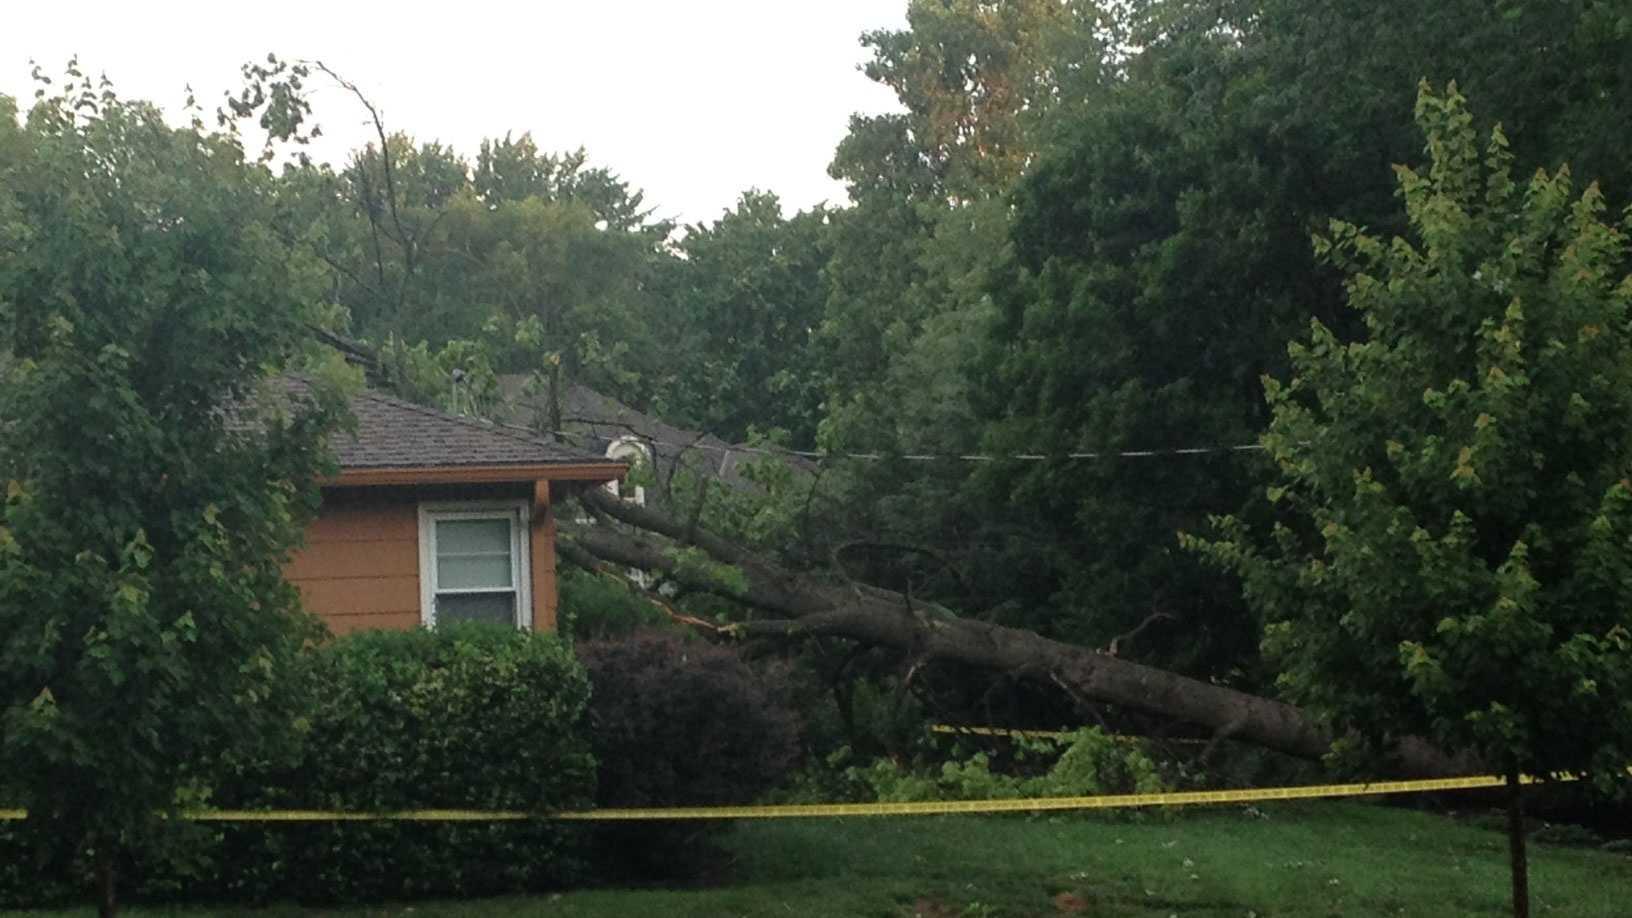 Leawood tree on house